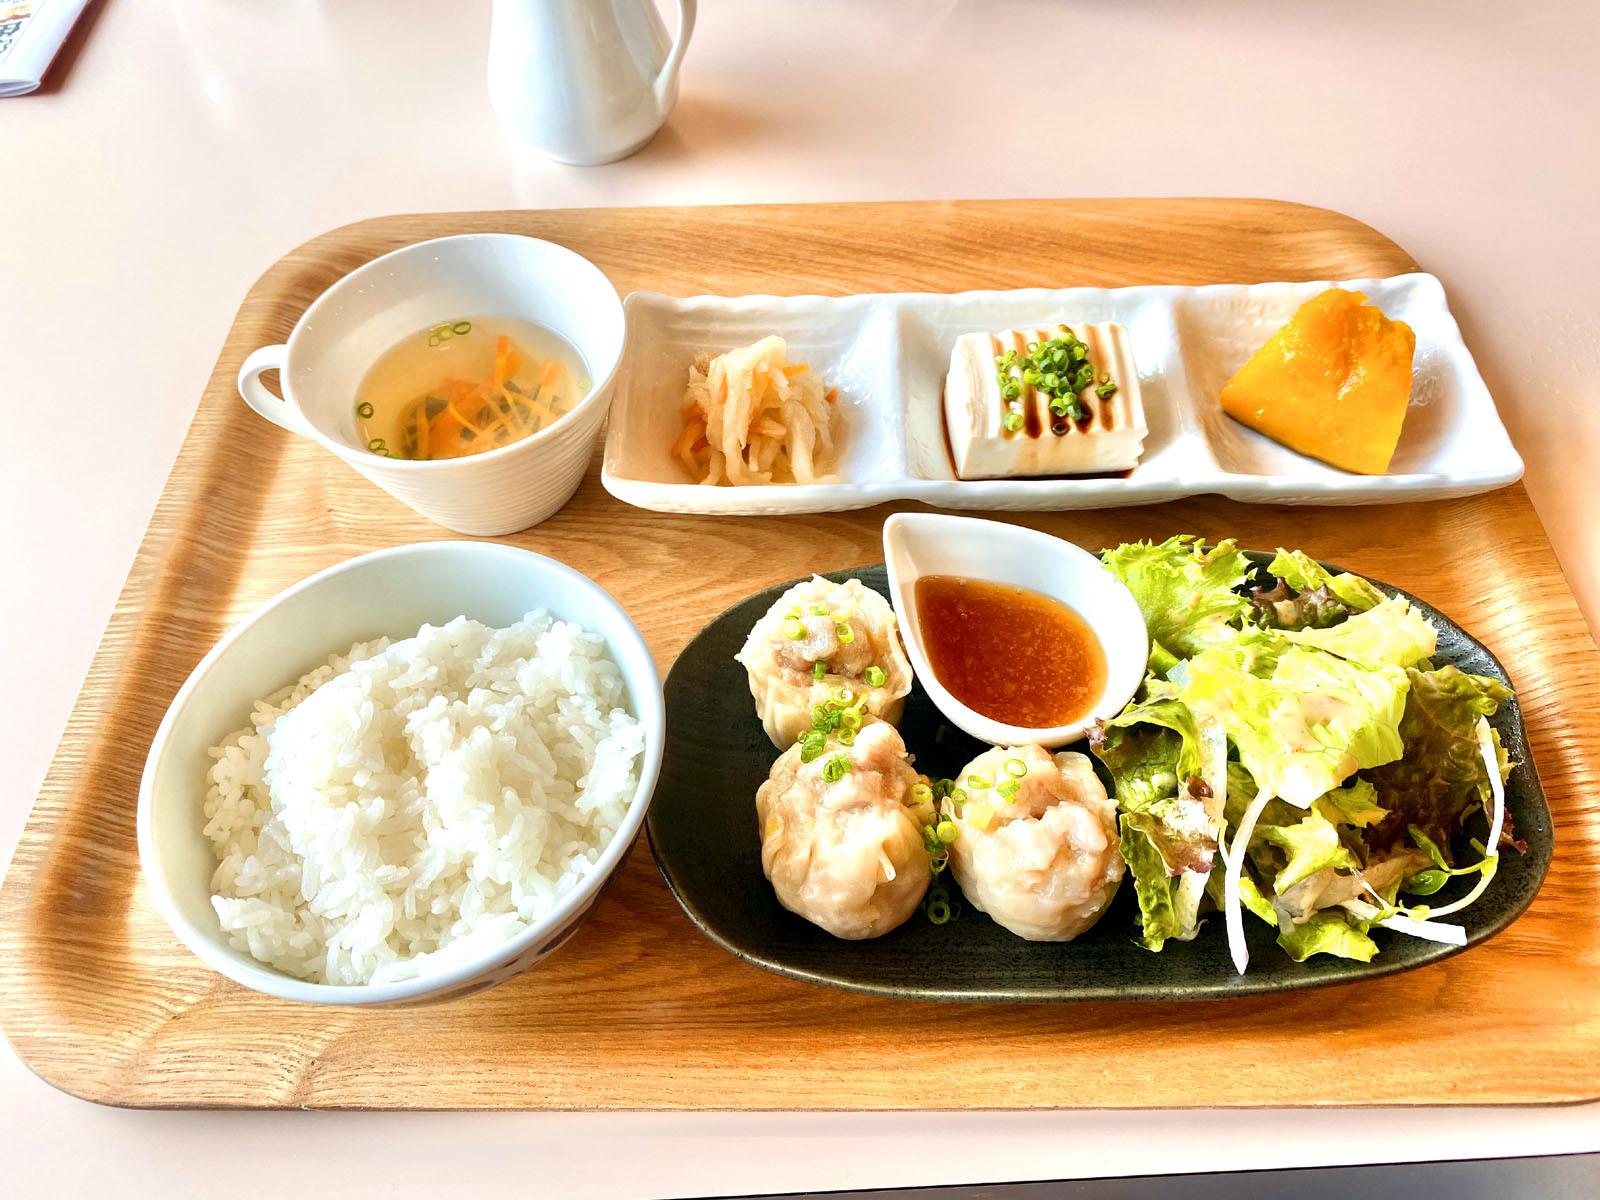 もなみランチ Aお惣菜プレート (ケーキ、ドリンク付き)1300円